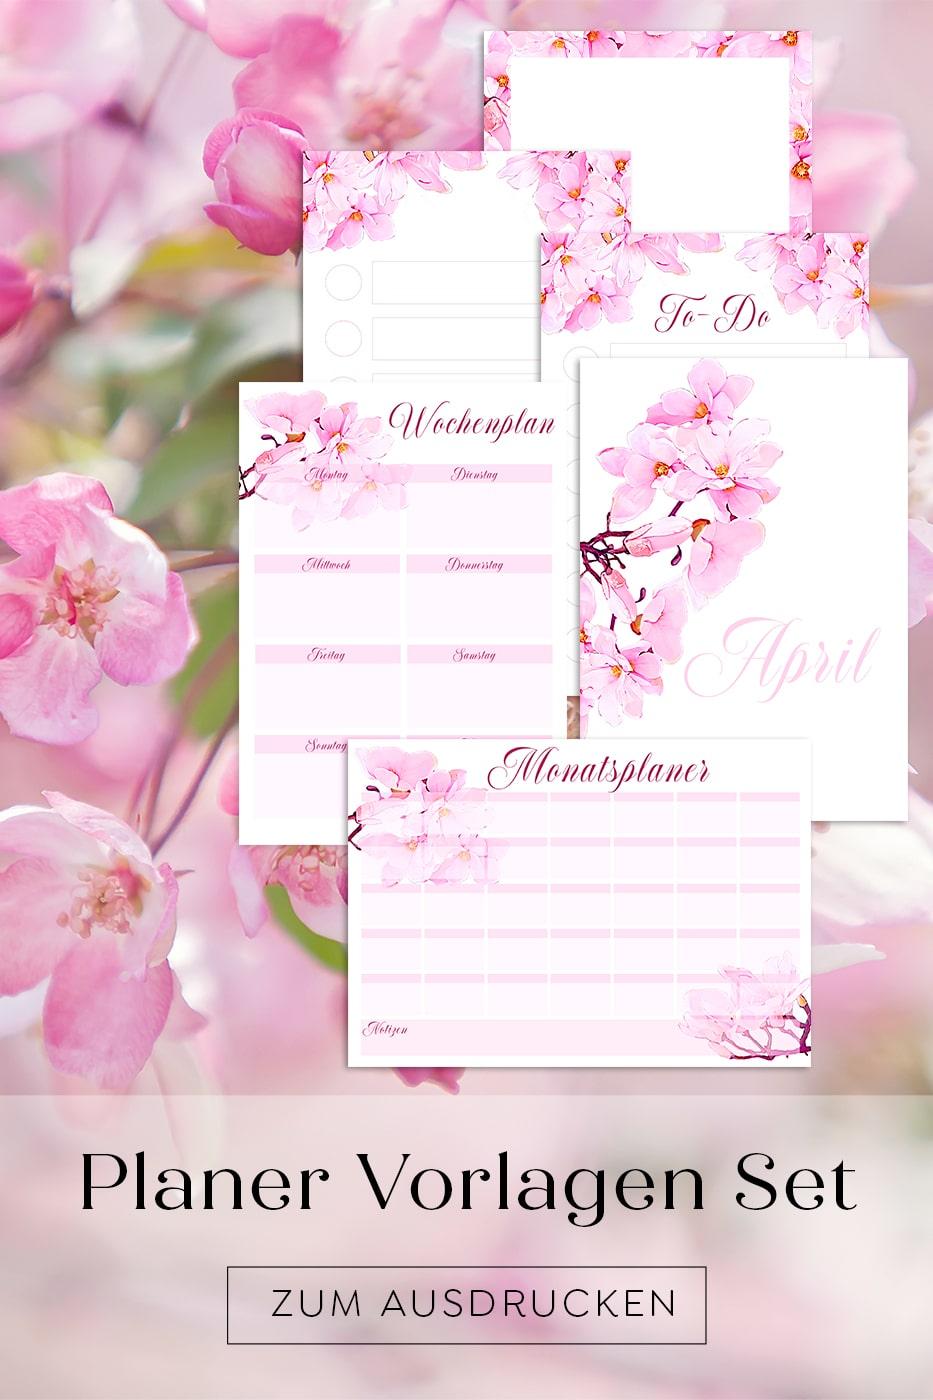 Kalender Planer Vorlagen Set zum Ausdrucken Bullet Journal Idee Deutsch Druckbar Pink Spring Blüten